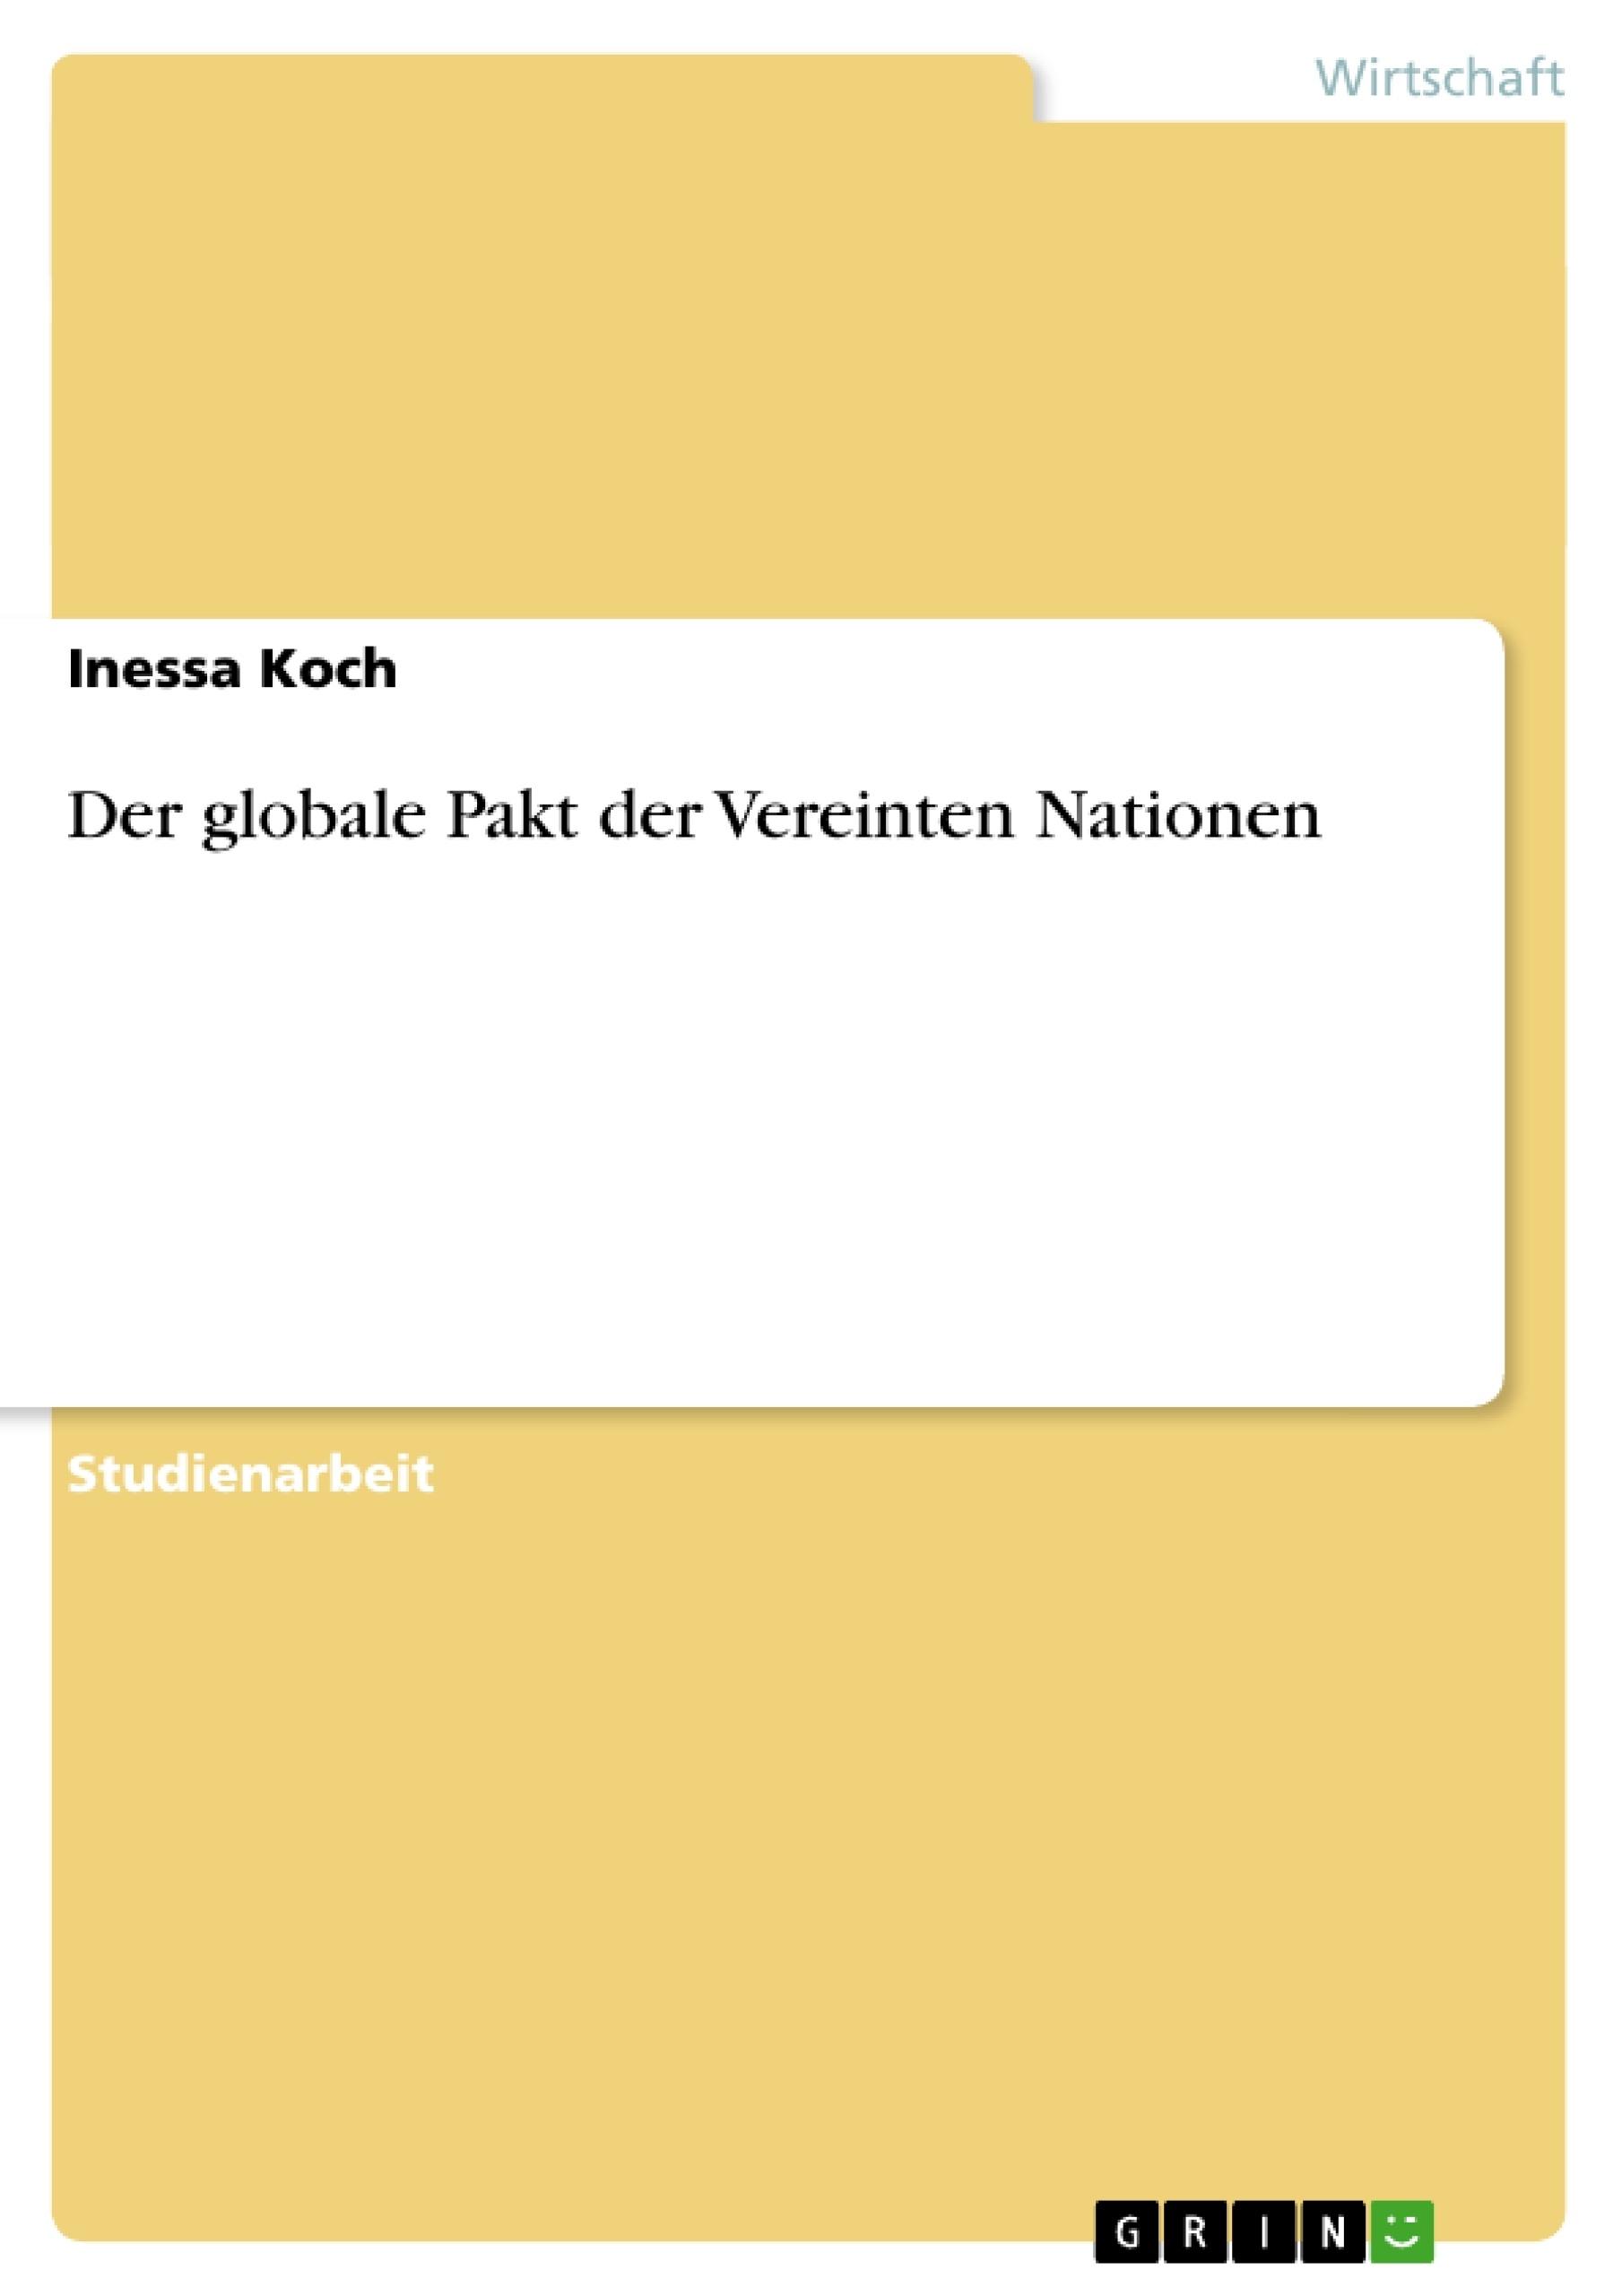 Titel: Der globale Pakt der Vereinten Nationen